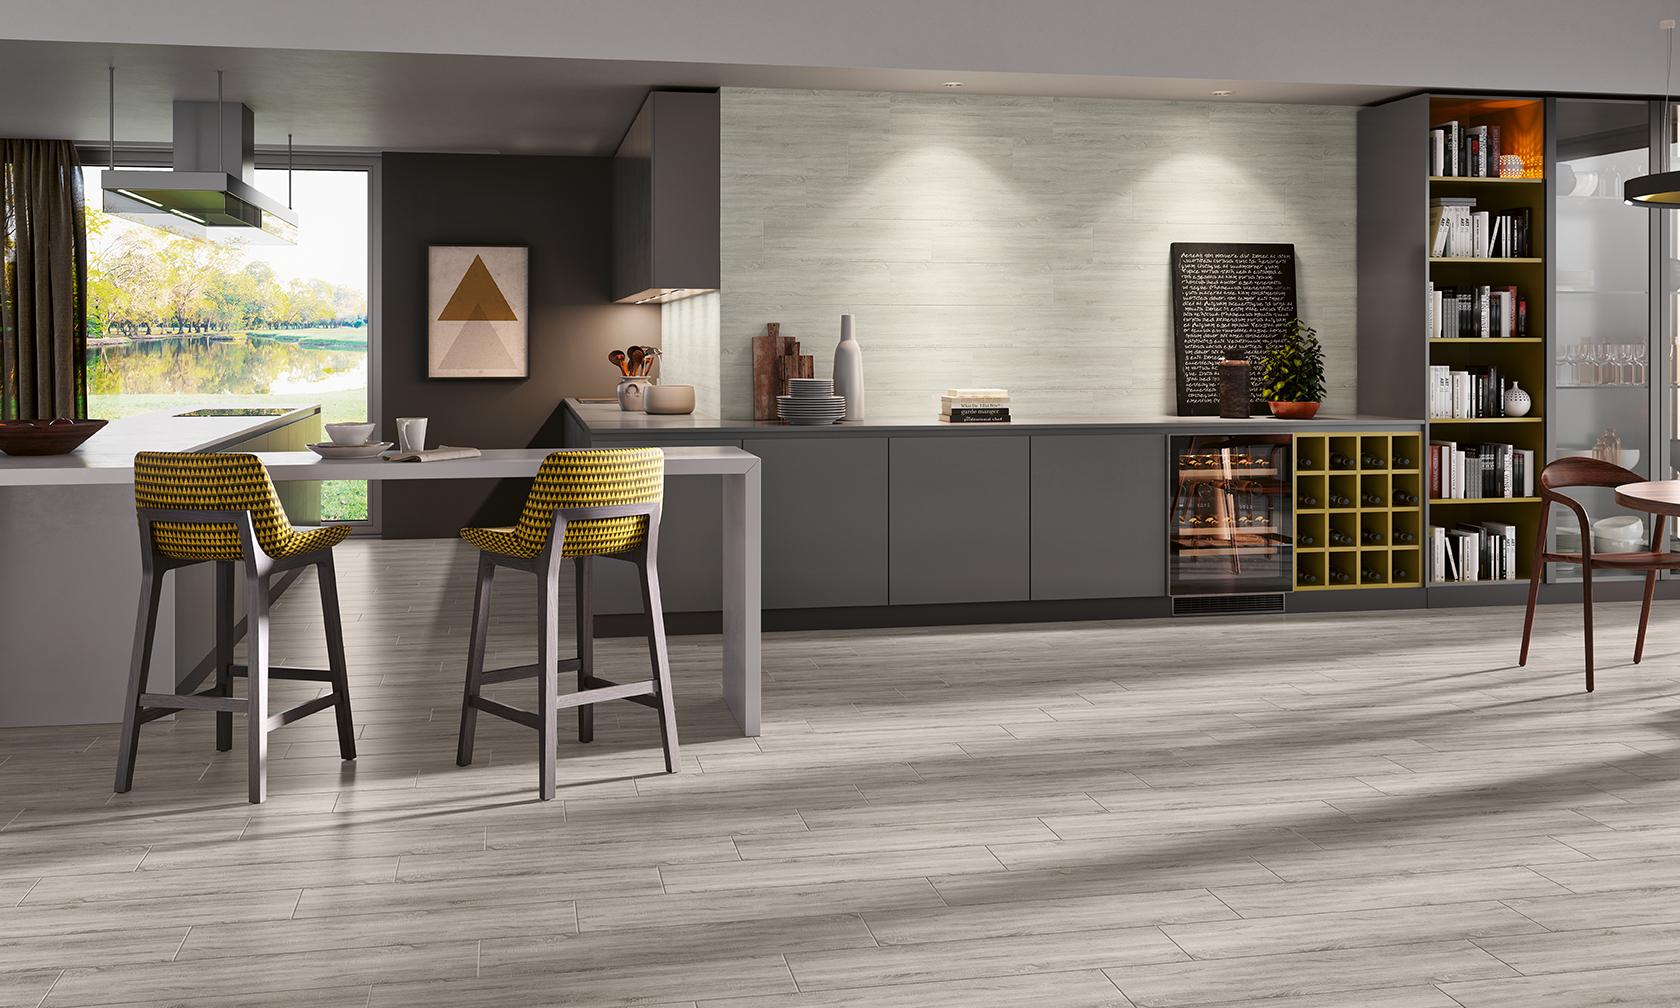 Decoração de interiores moderna com pavimentos cinza